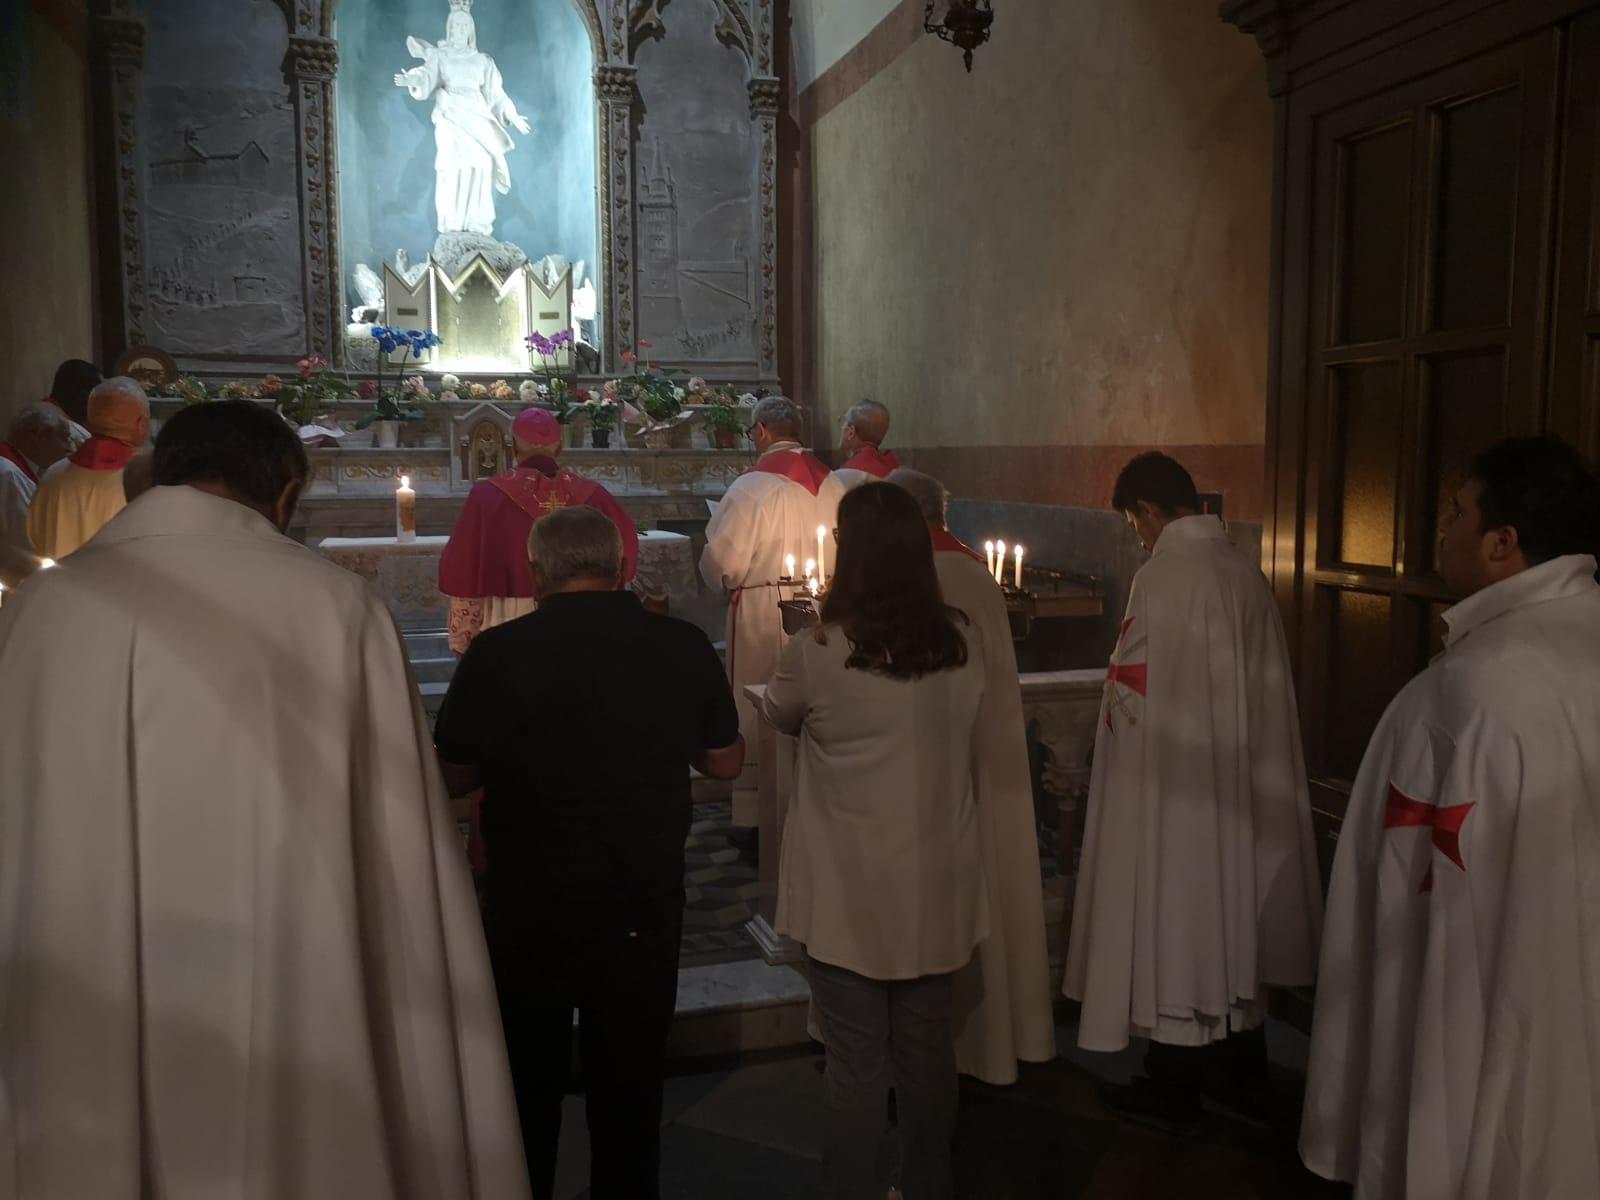 Veglia di Pentecoste alla Cattedrale di San Giusto con S.E. Confalonieri Vescovo di Susa